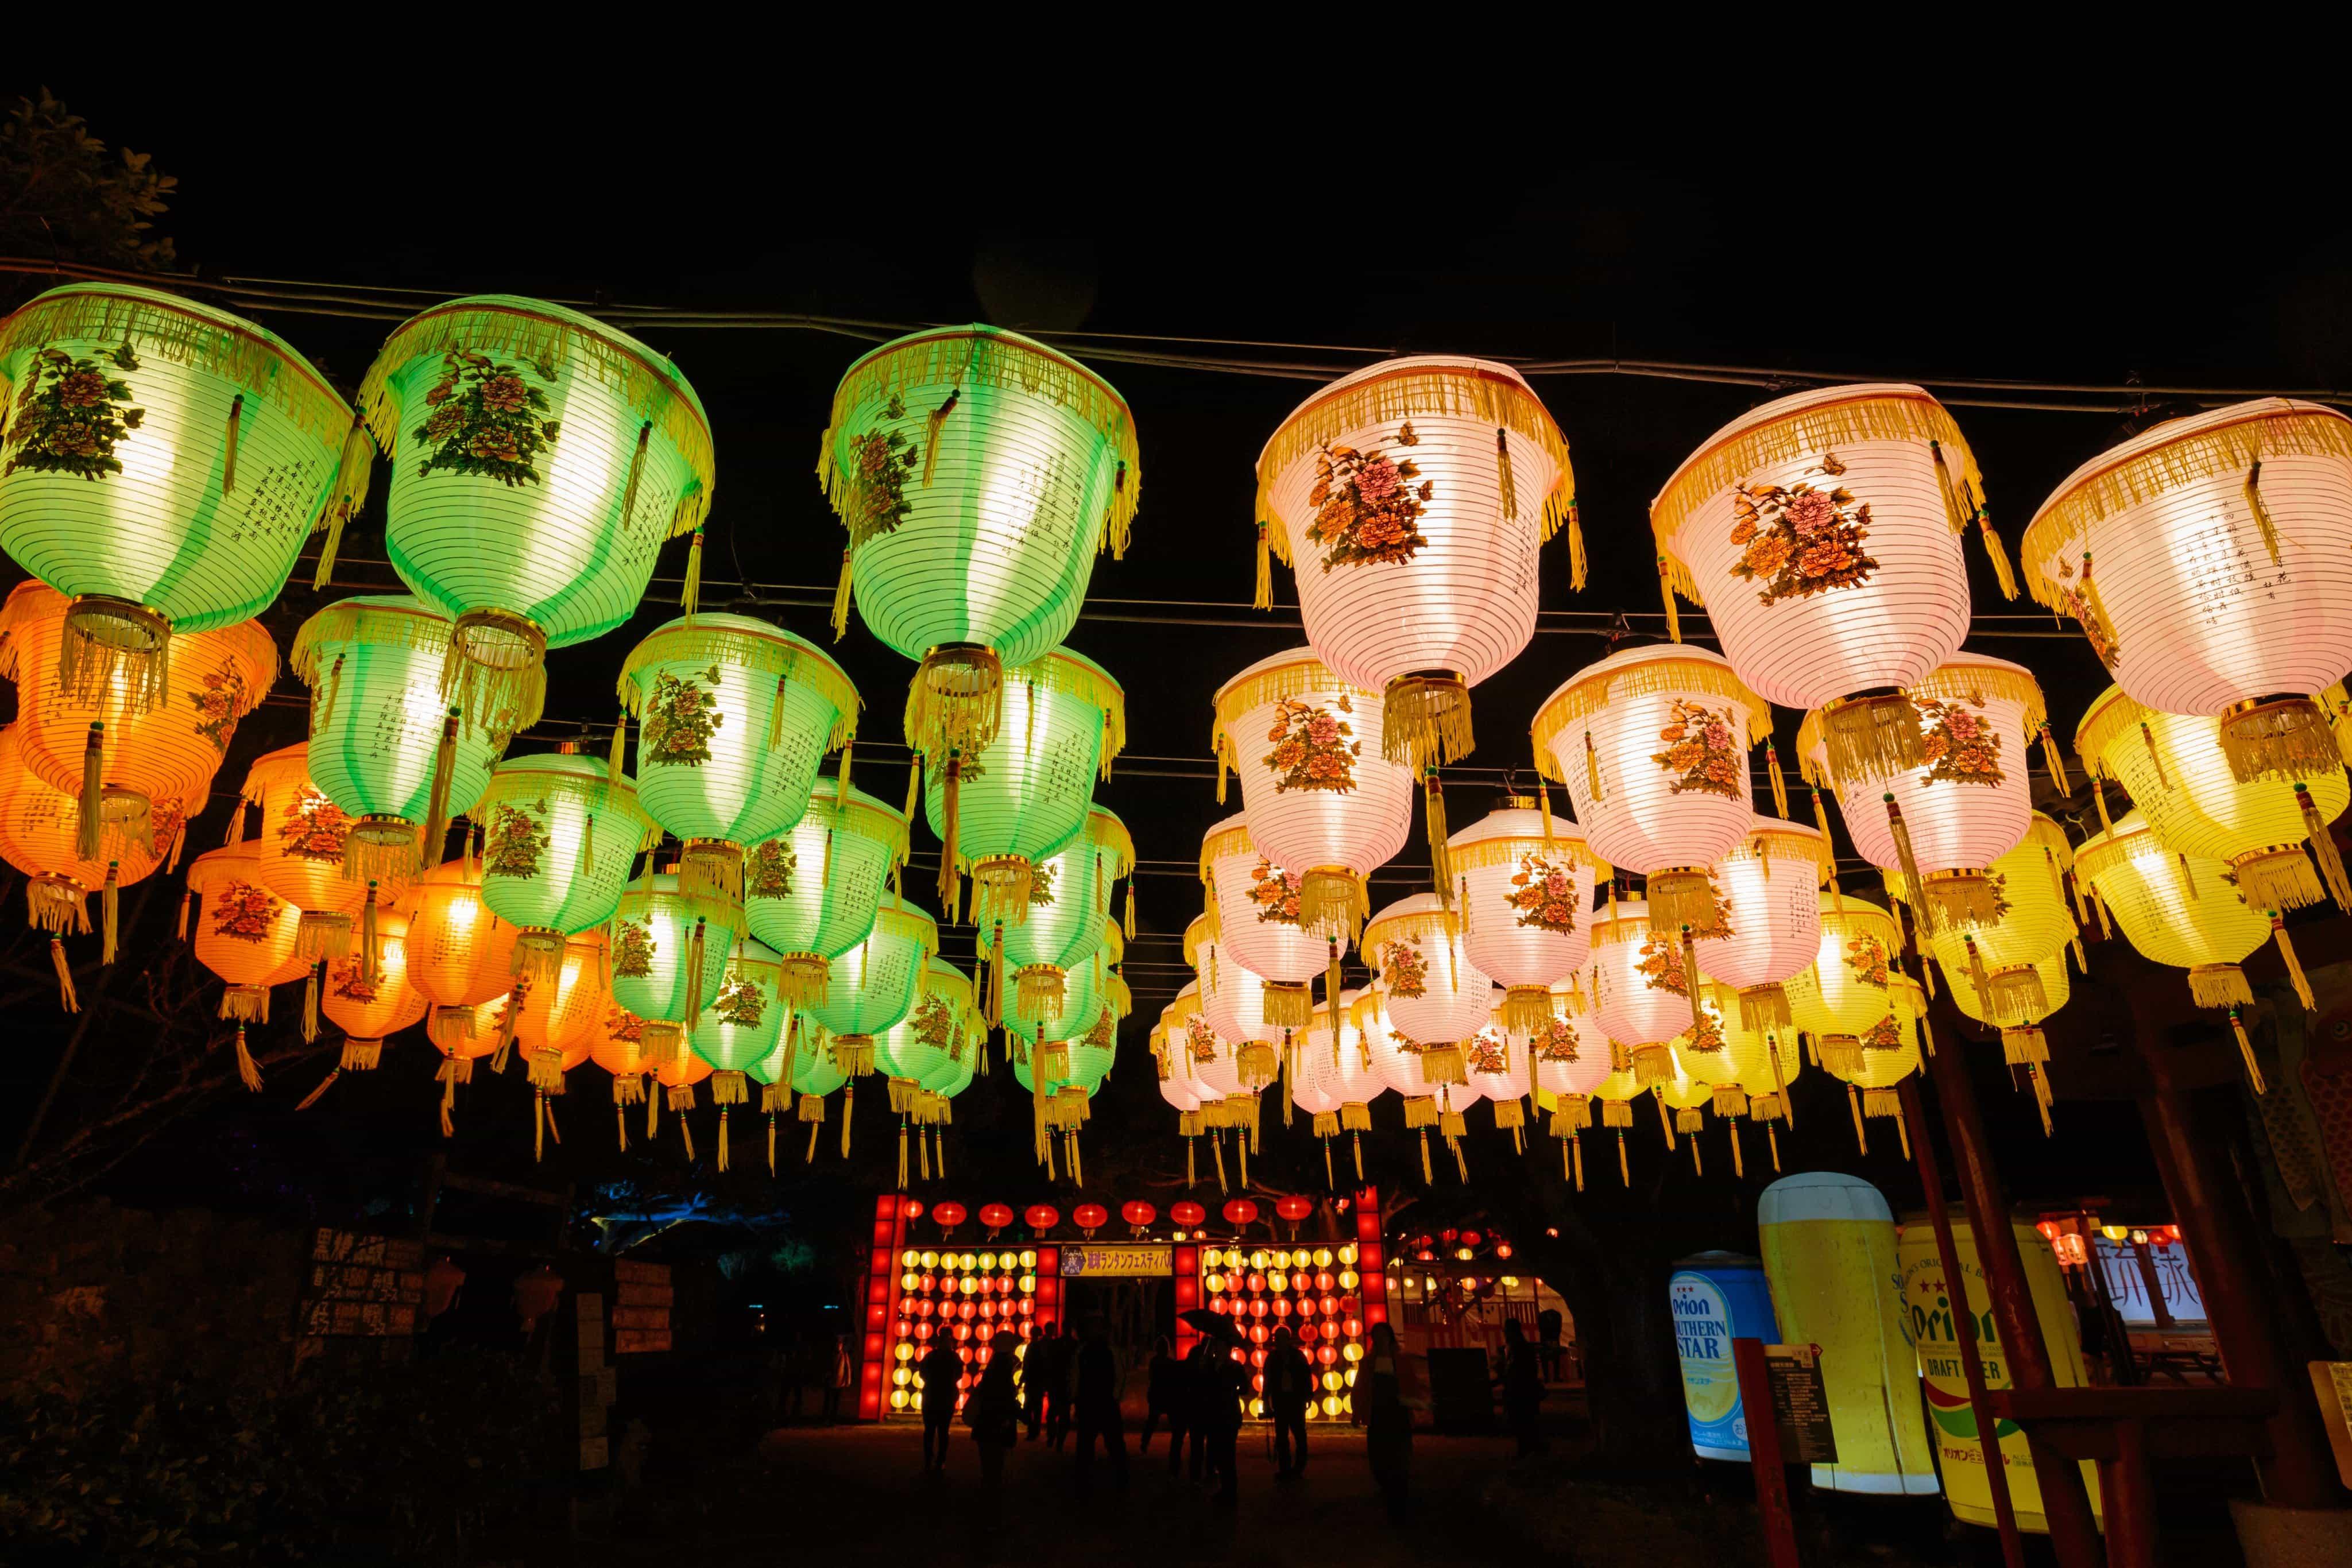 เทศกาลปล่อยโคม ญี่ปุ่น 2020 - เทศกาลโคมริวกิว (Ryukyu Lantern Festival)